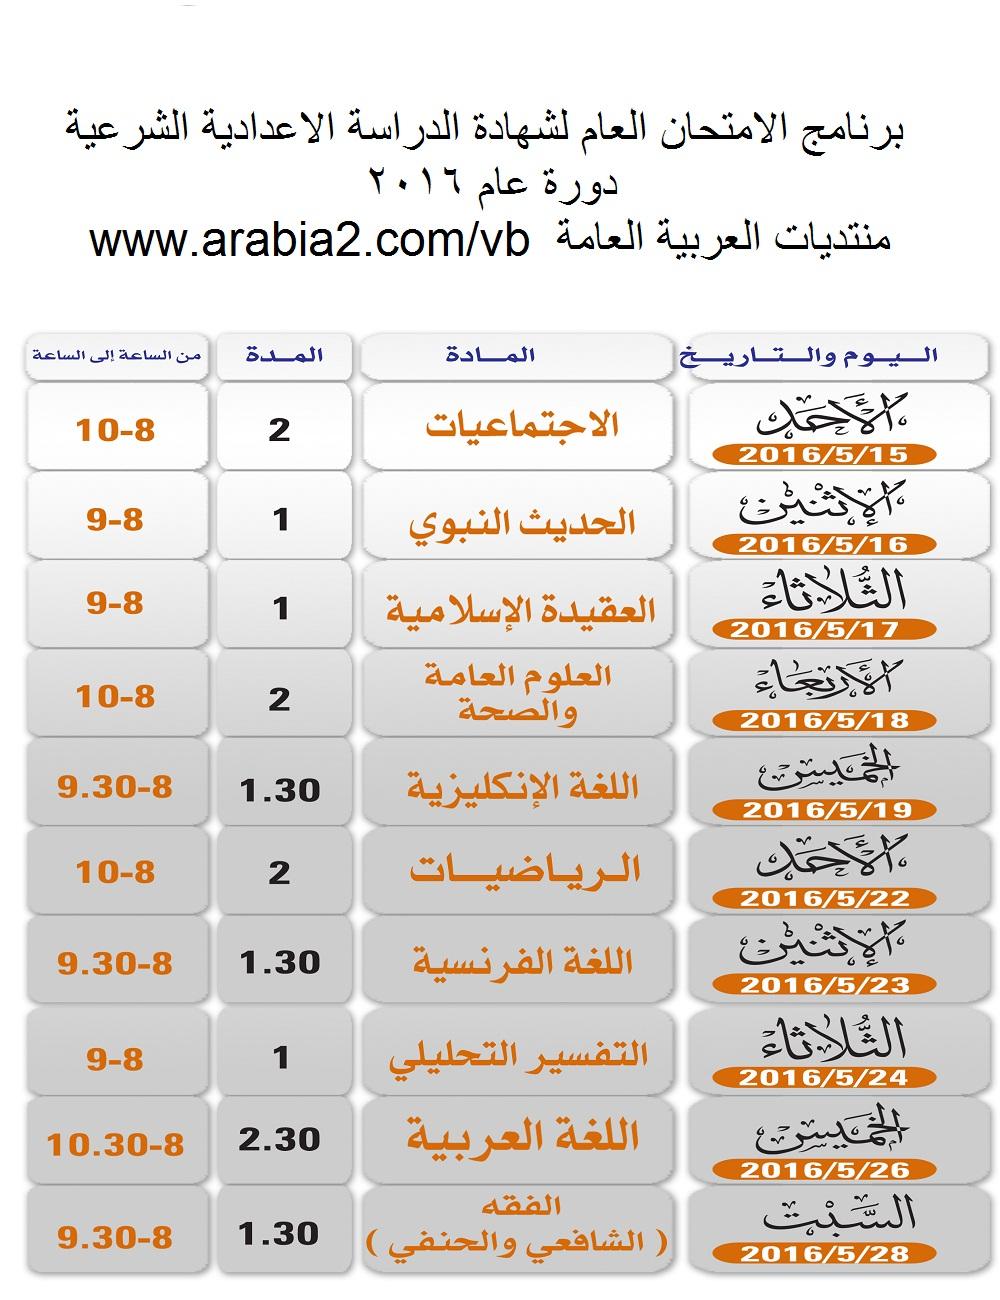 البرنامج العام للامتحانات العامة لشهادة الاساسية و الثانوية و الشرعية 2016 المنهاج السوري 1461264755353.jpg